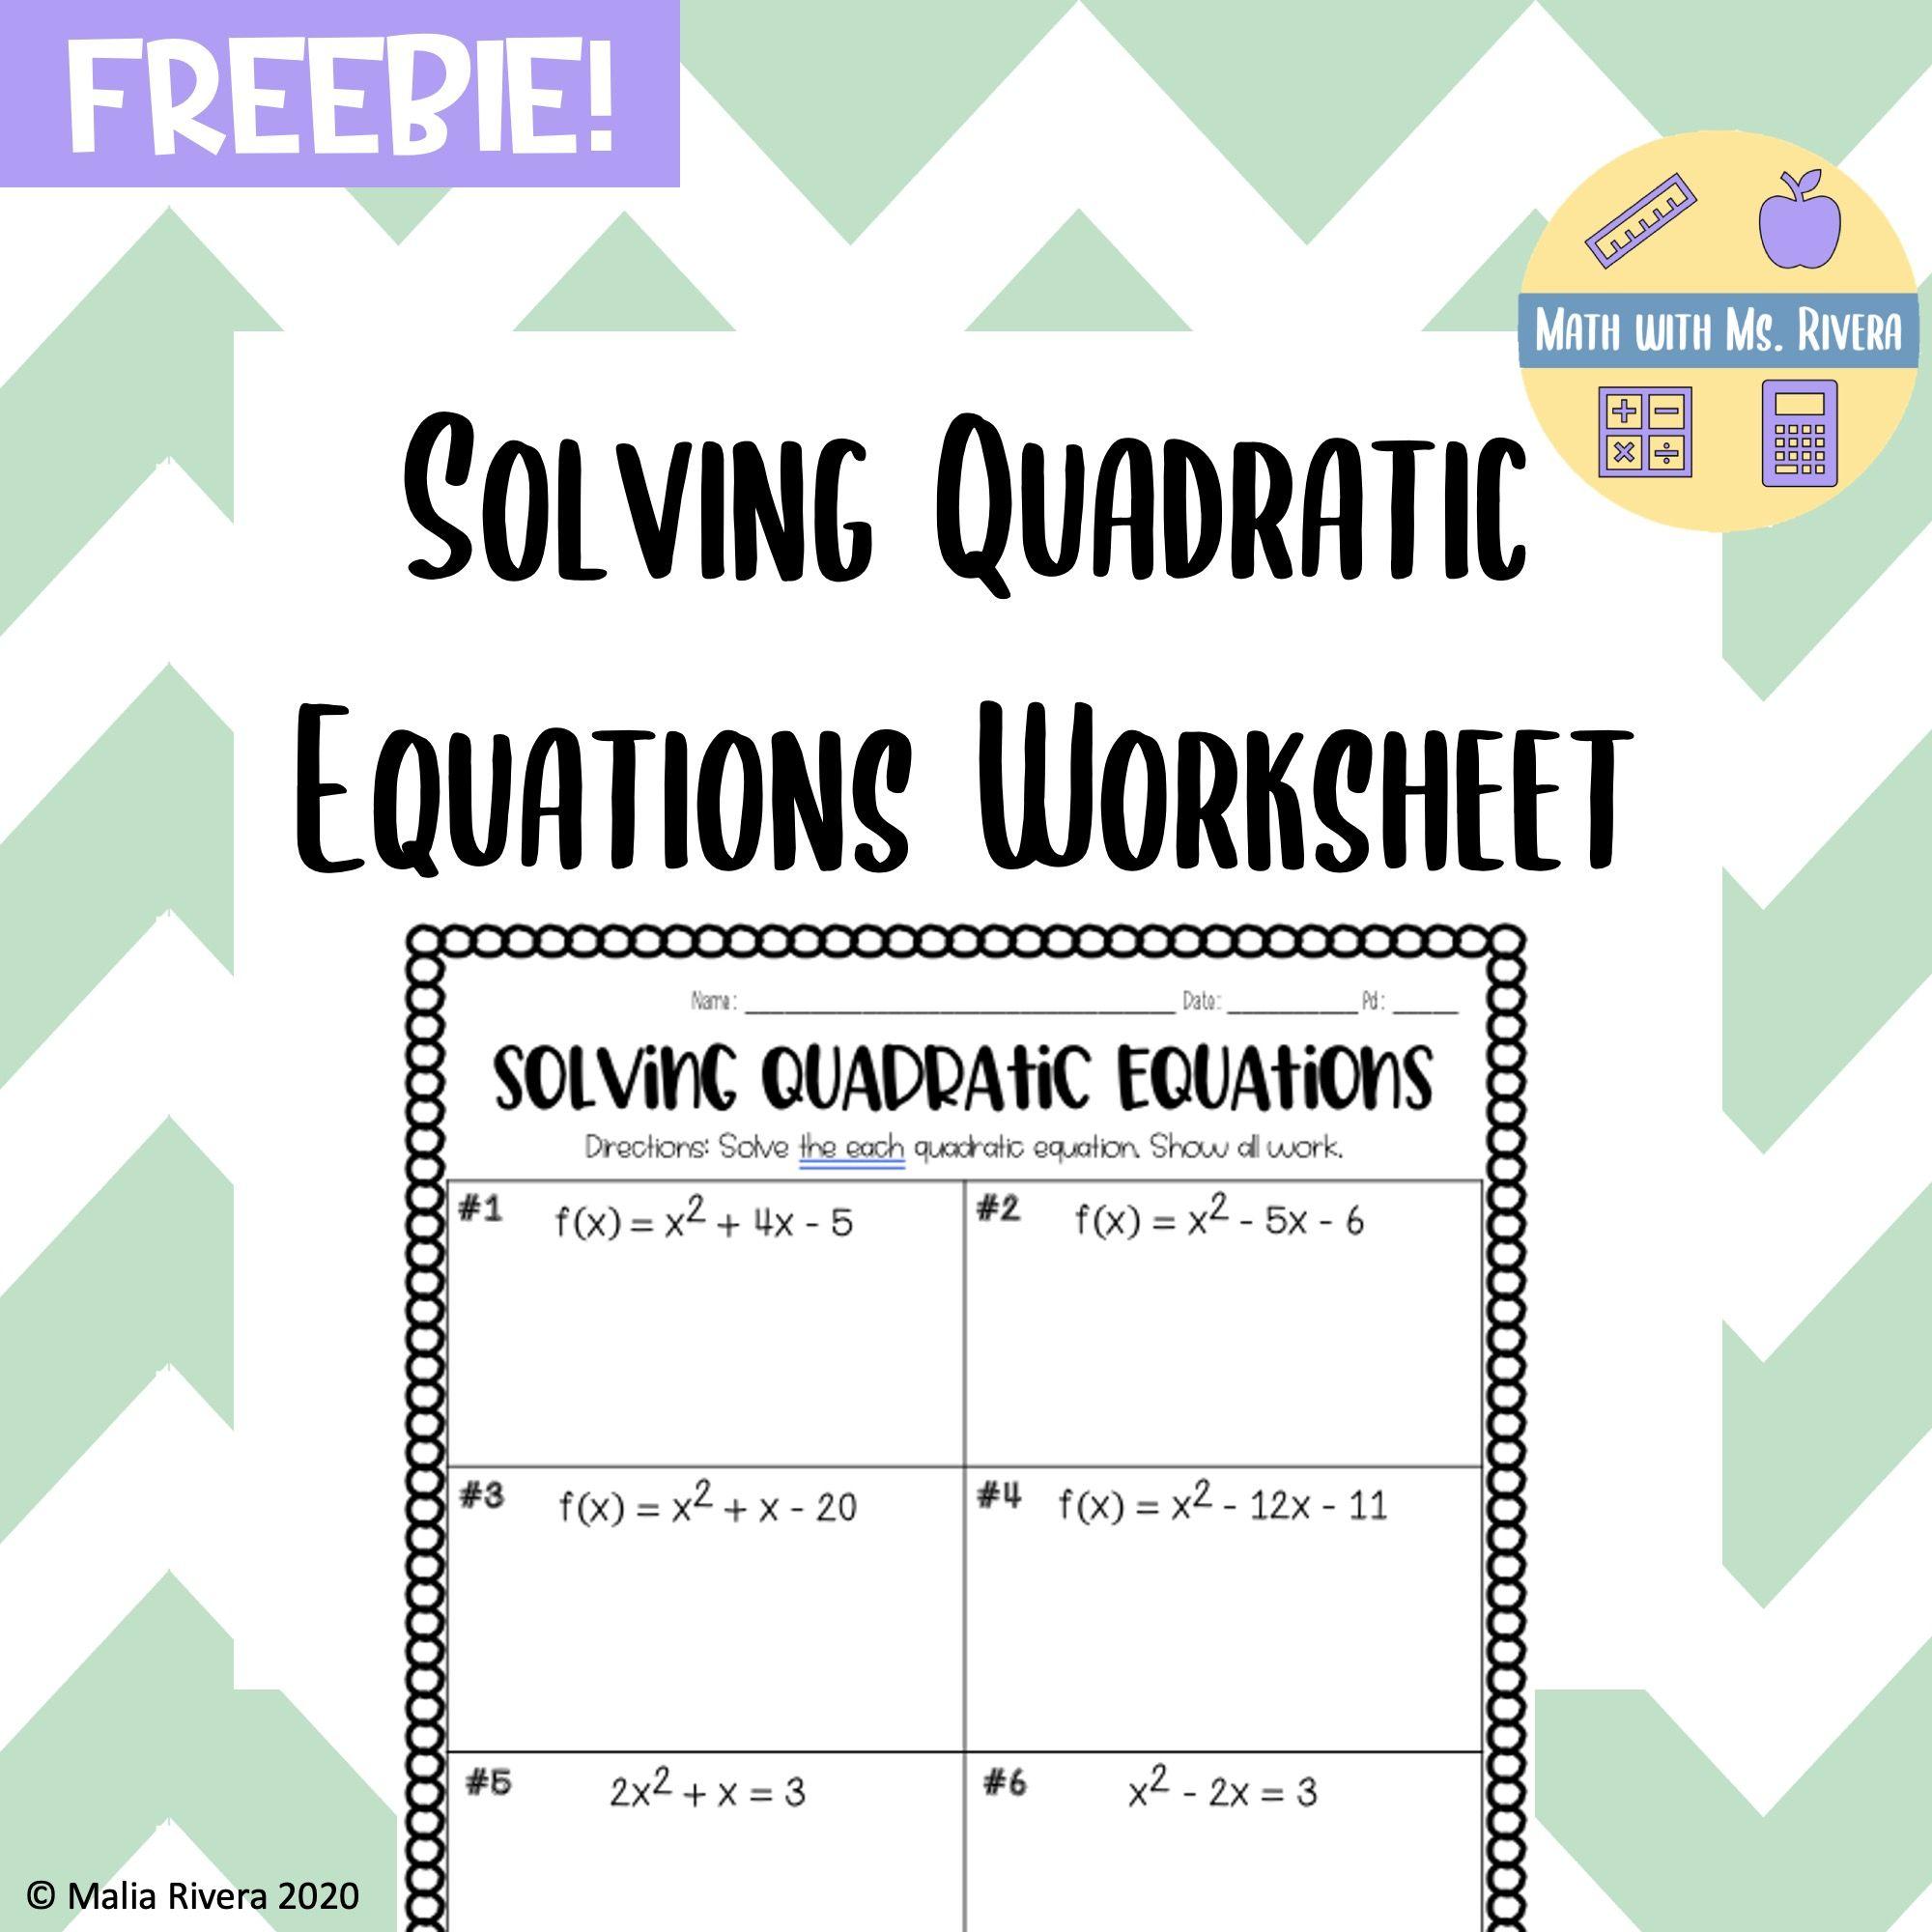 Solving Quadratic Equations Worksheet Freebie Quadratics Quadratic Equation Solving Quadratic Equations [ 2000 x 2000 Pixel ]